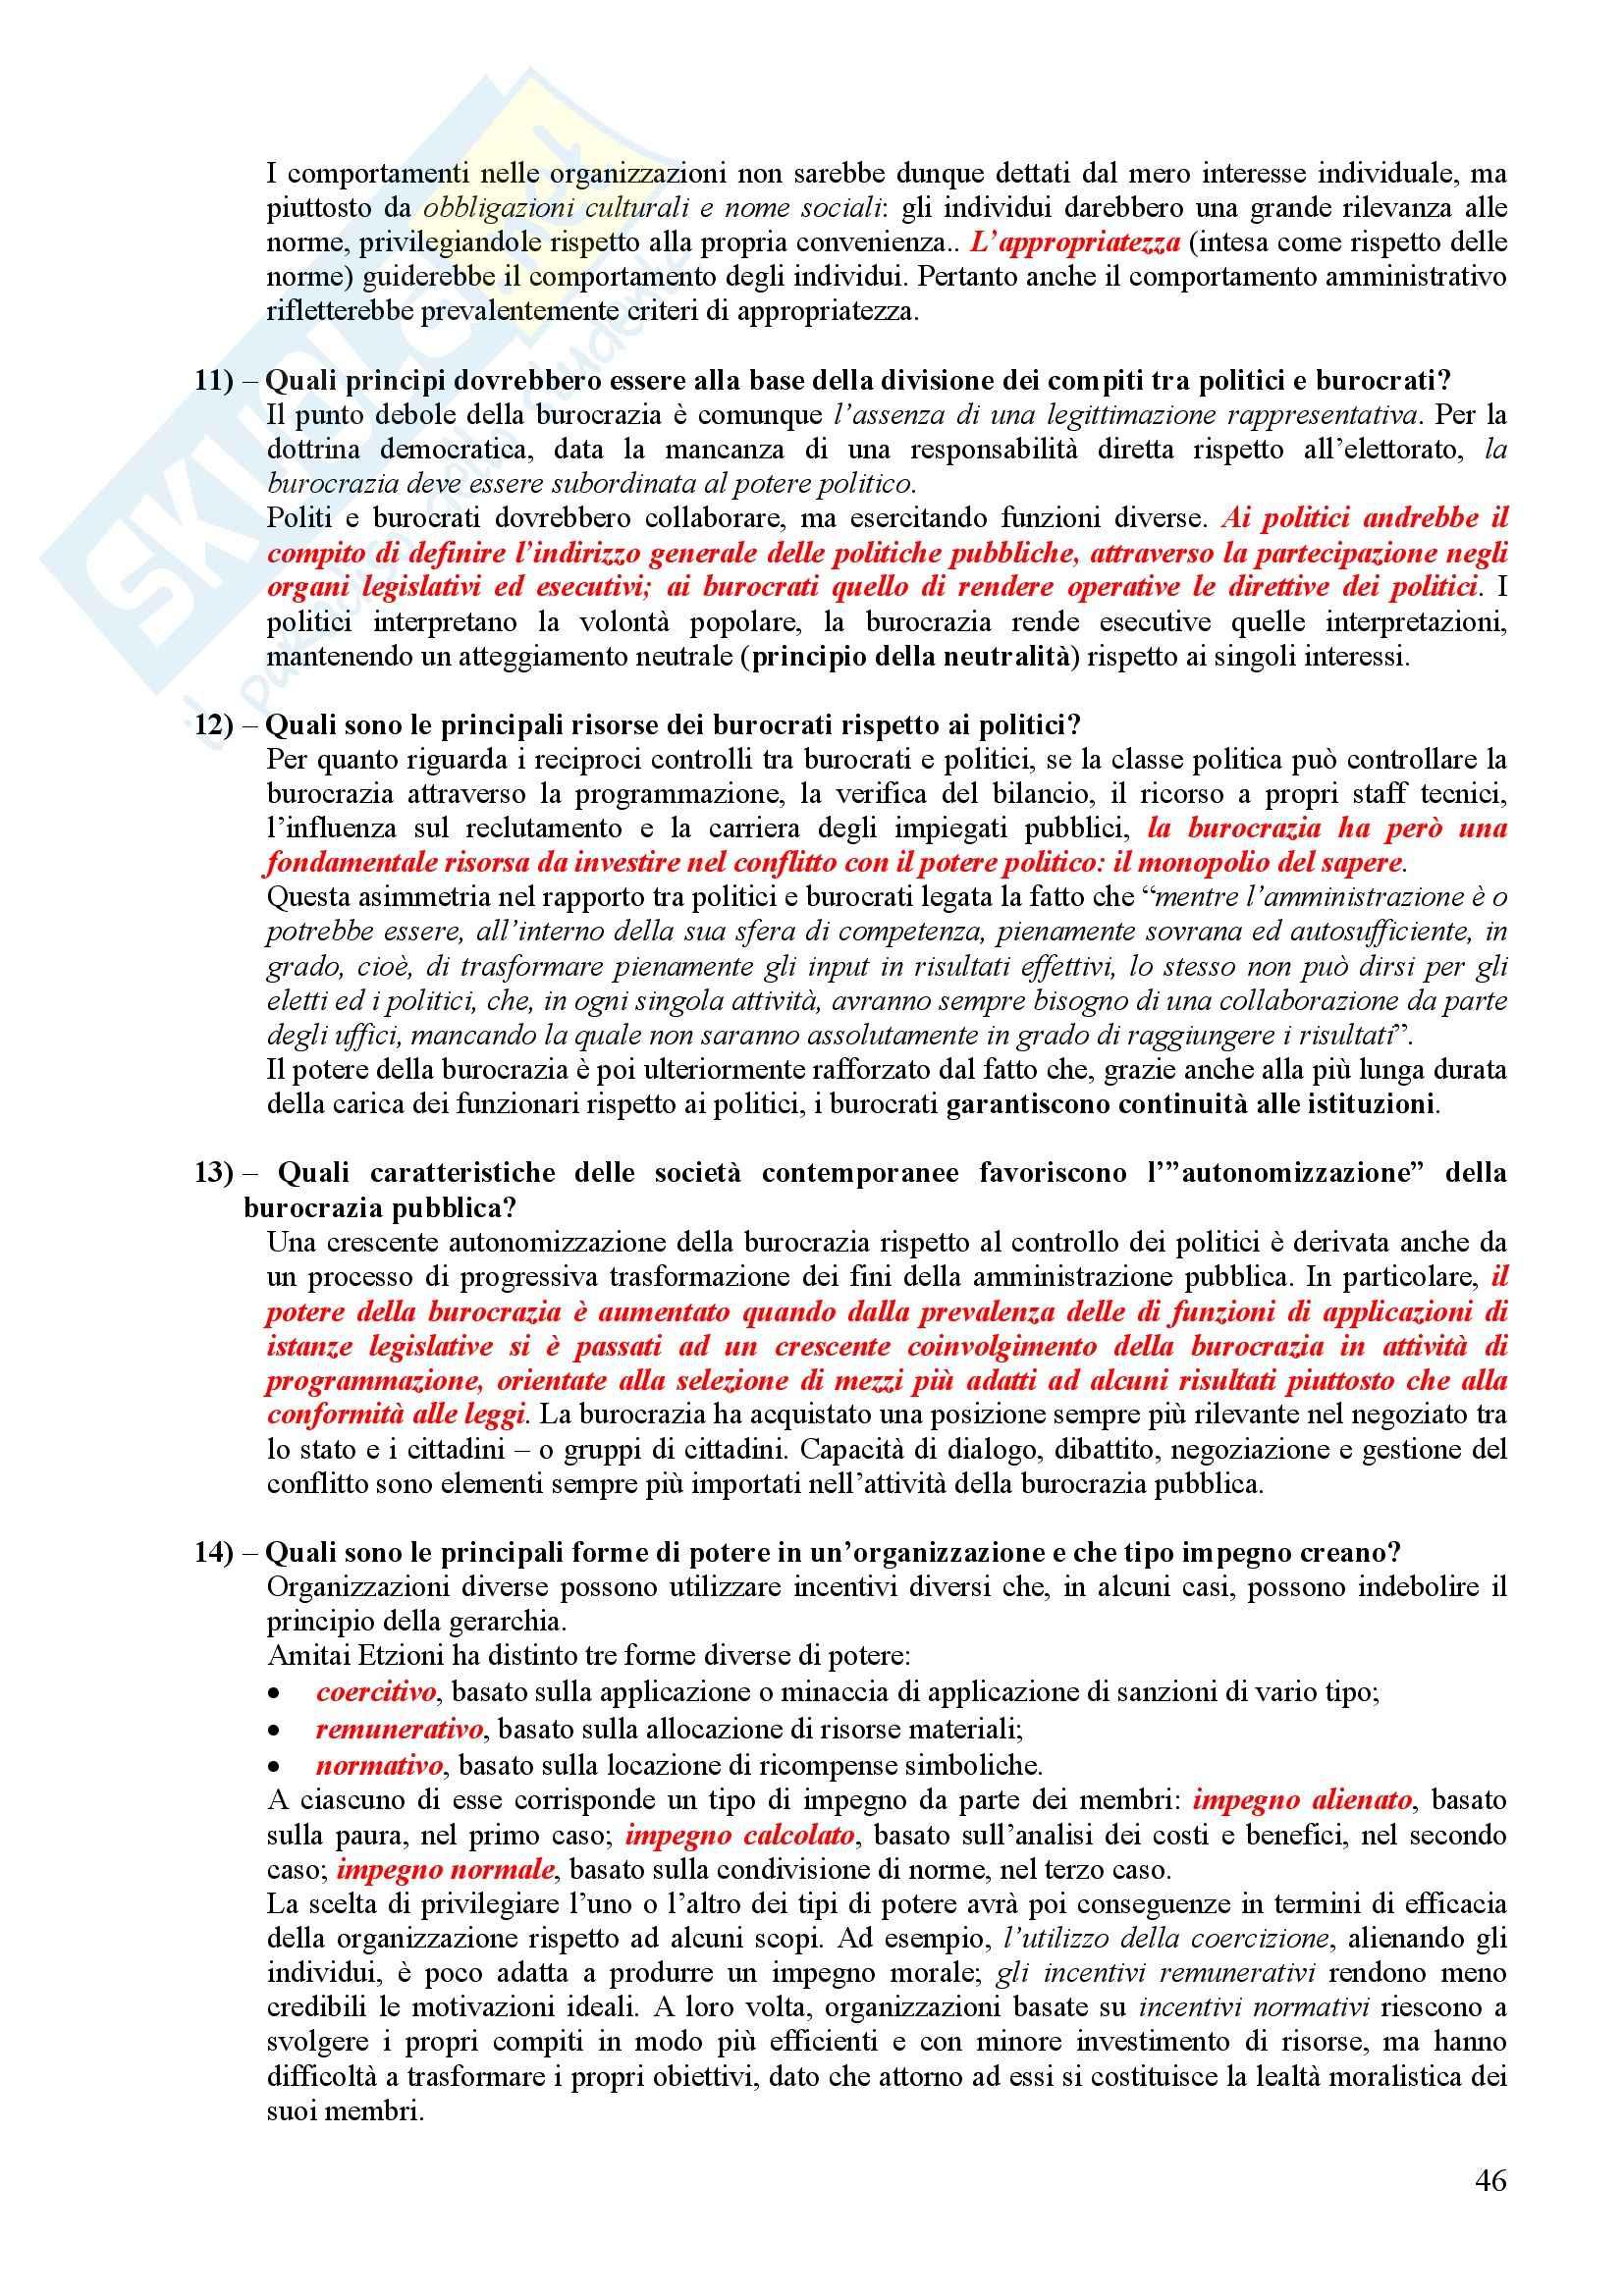 Scienza politica - Domande e risposte Pag. 46